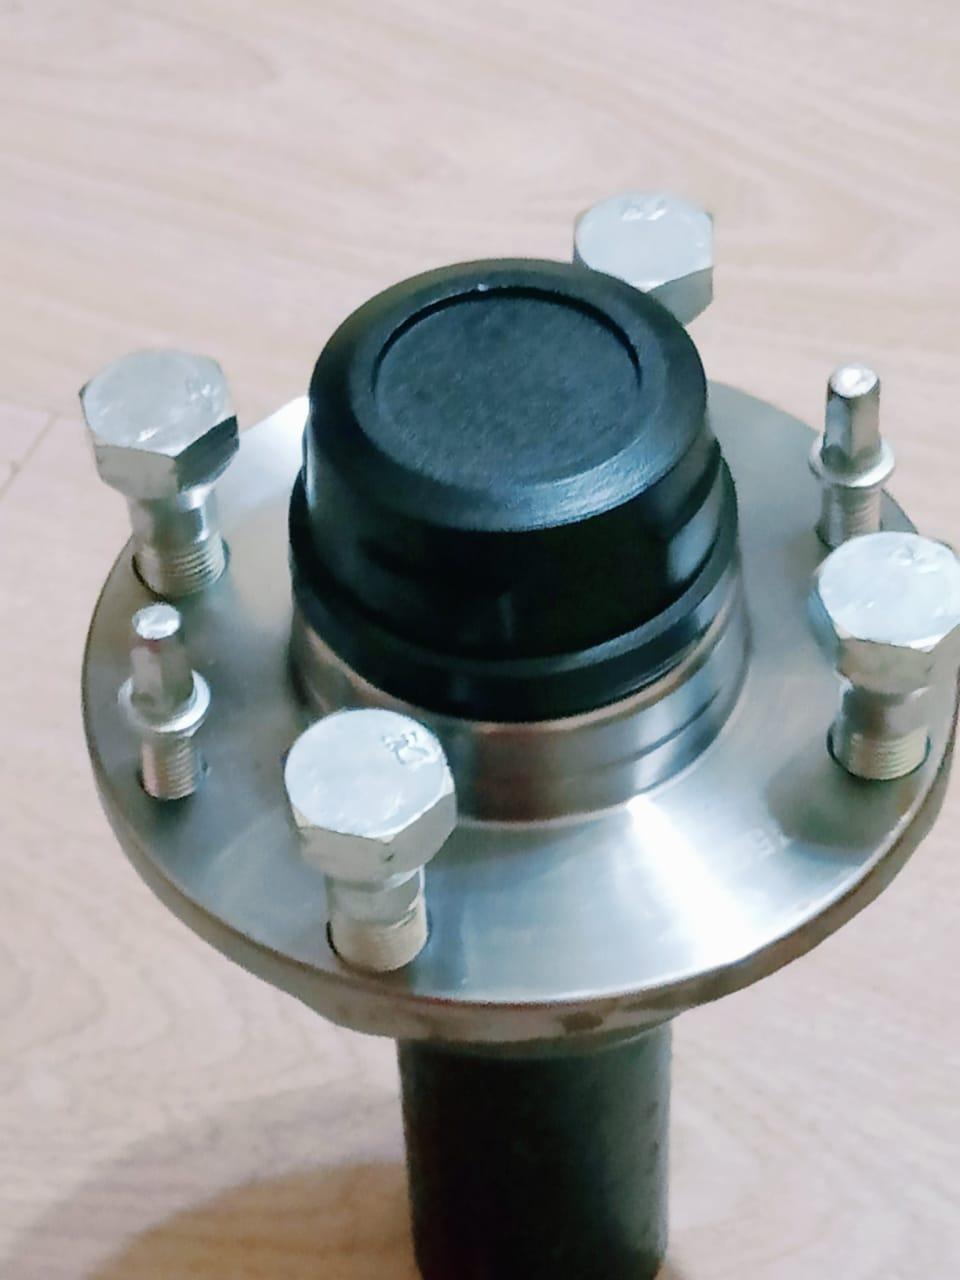 Ступица (ВАЗ 2108) для прицепов, полностью в сборе с болтами пара(2шт) Бут